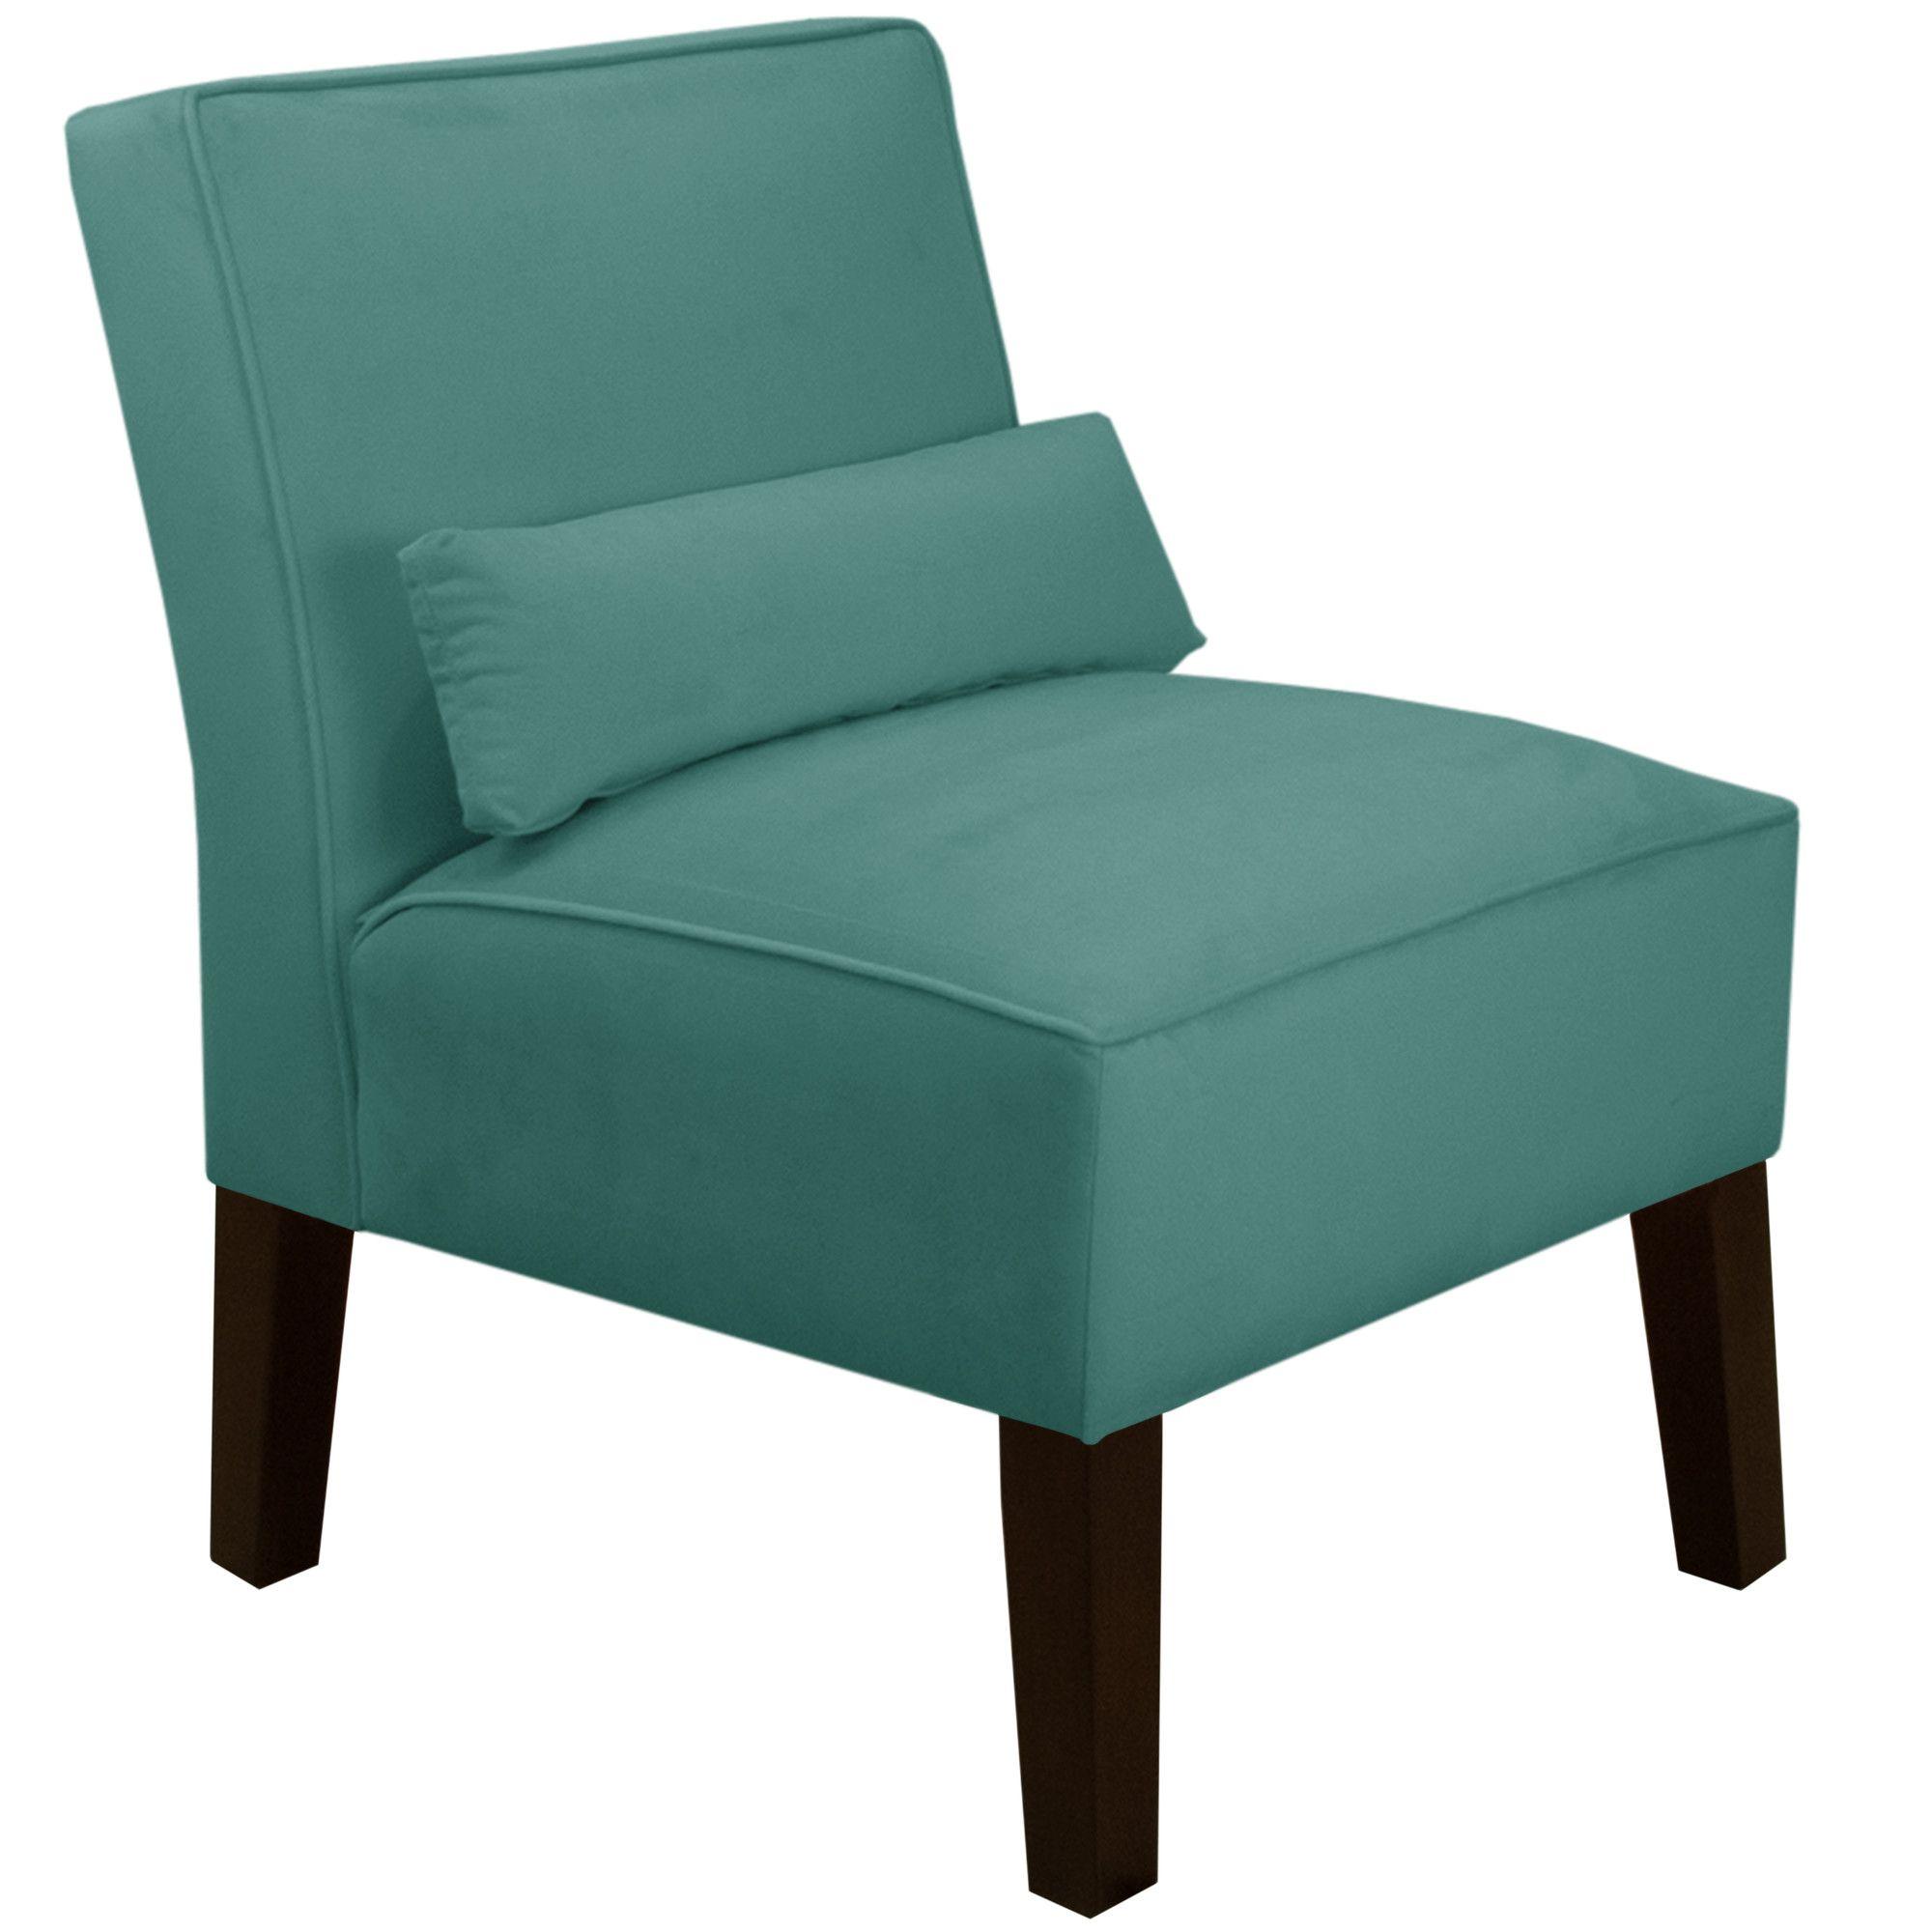 Thurston Slipper Chair Accent chairs, Chair, Furniture